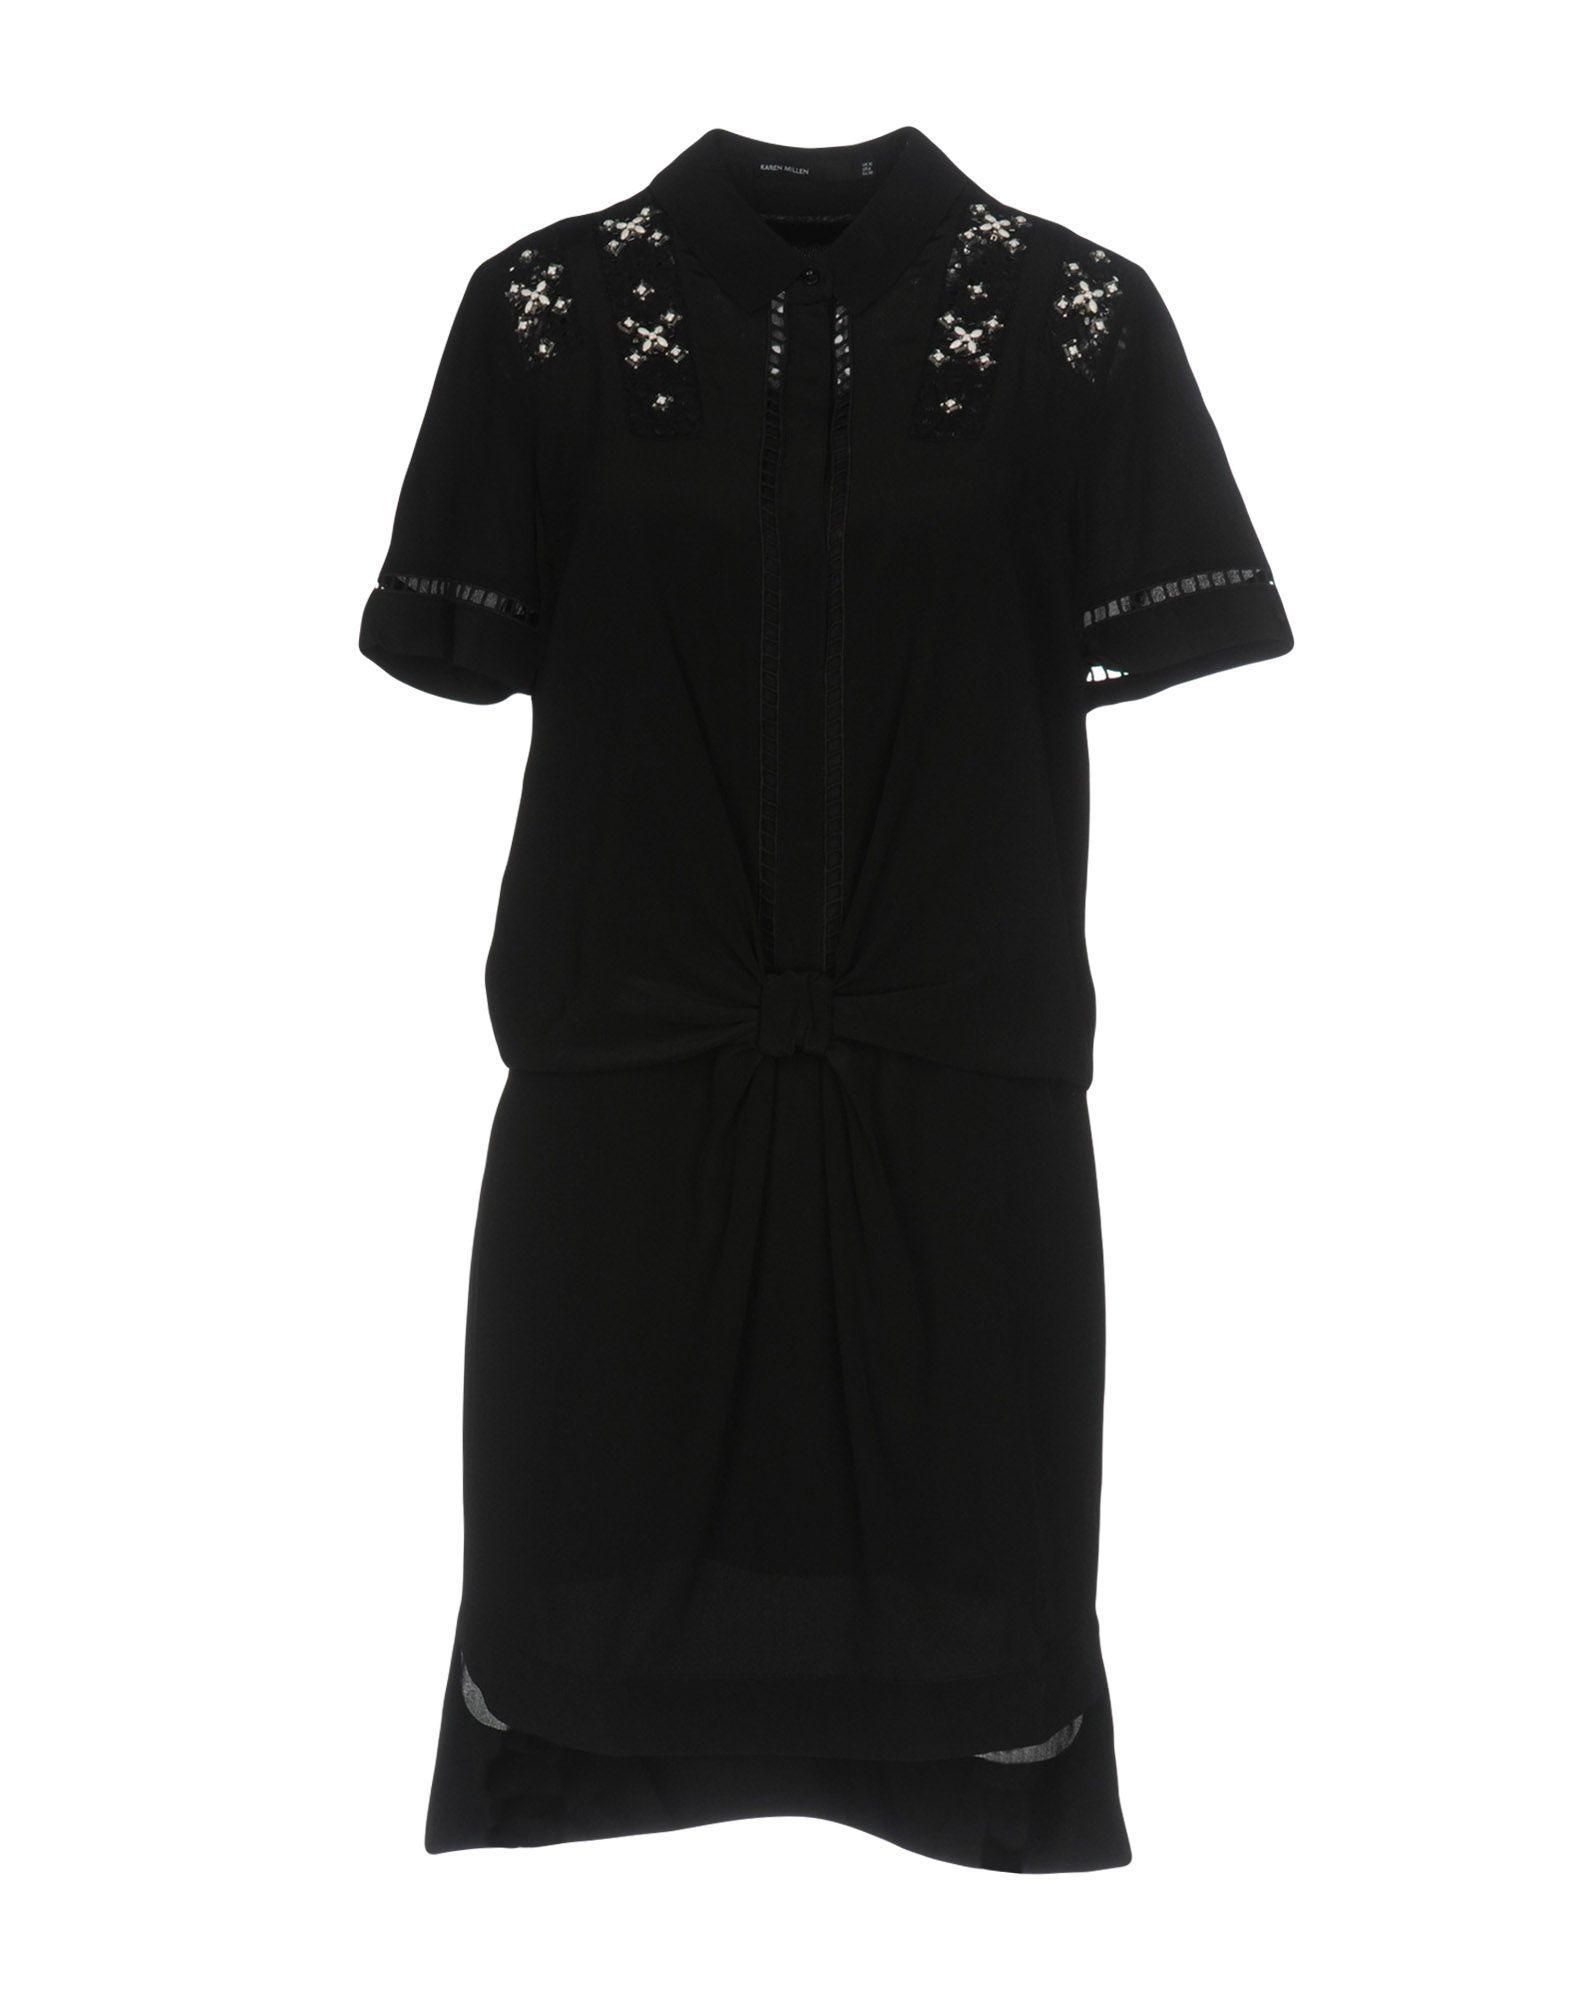 Karen Millen Black Silk Embellished Short Sleeve Dress